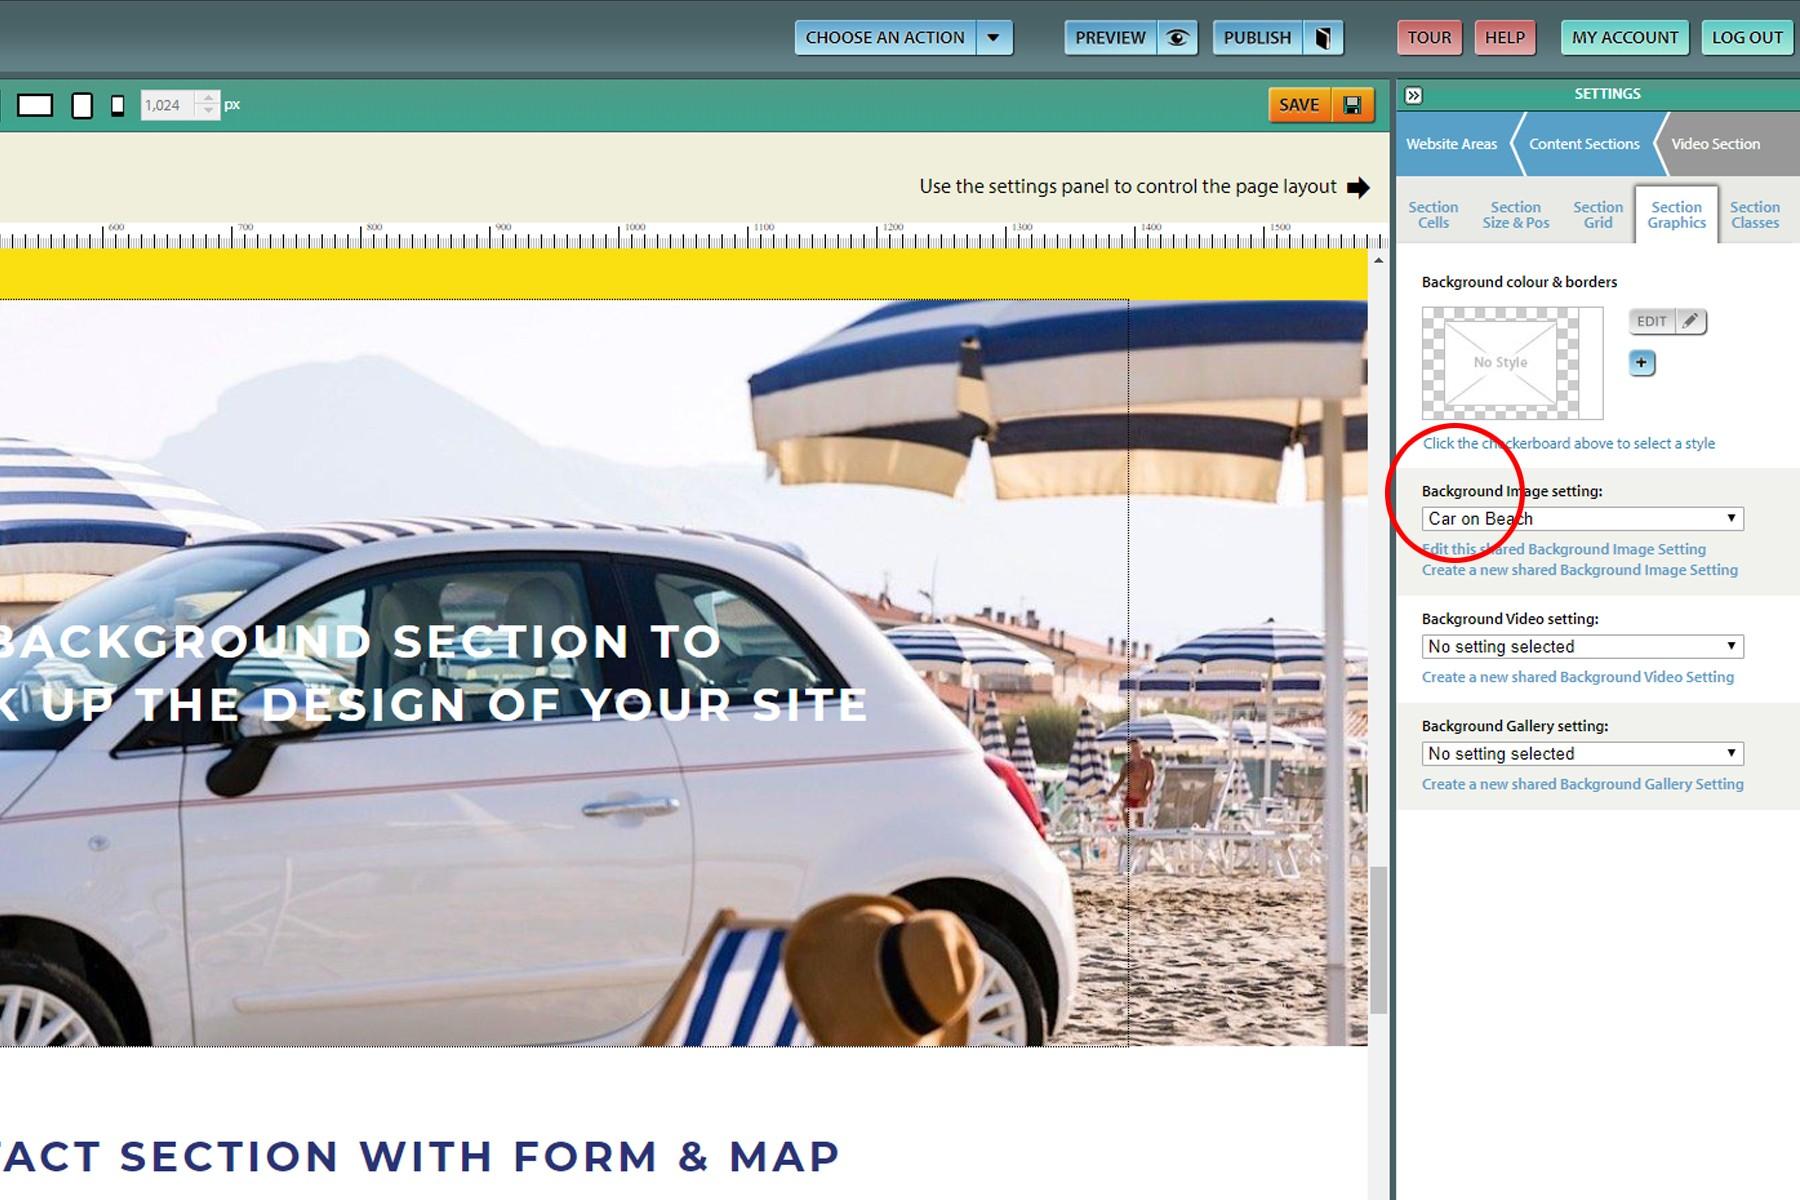 Background Image Basics image